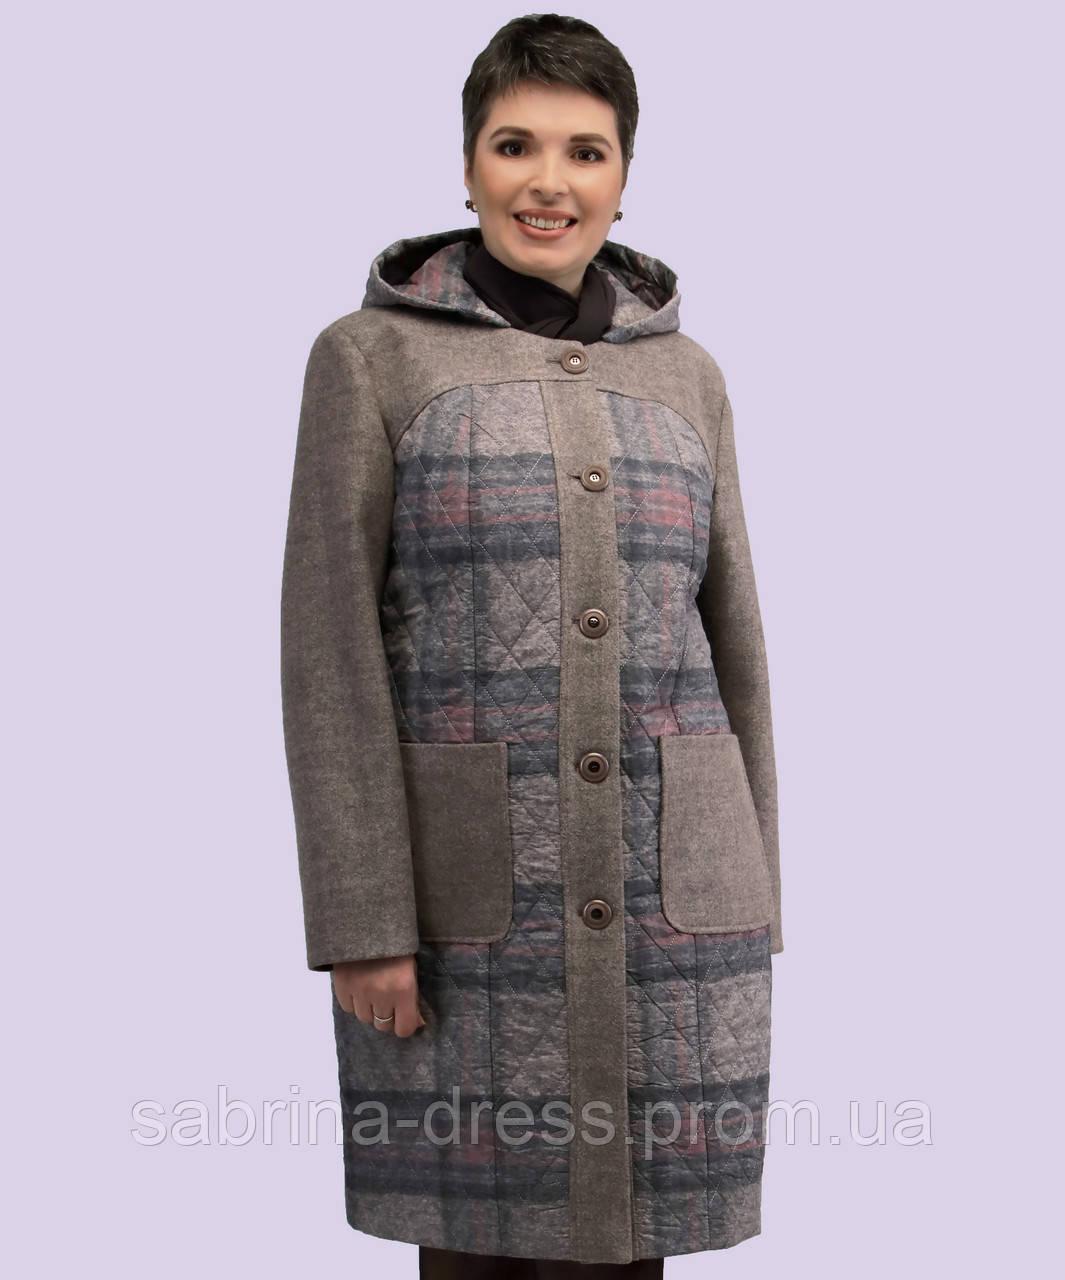 1dcb07814e3 Женское кашемировое пальто. Модель 163. Размеры 48-58  продажа